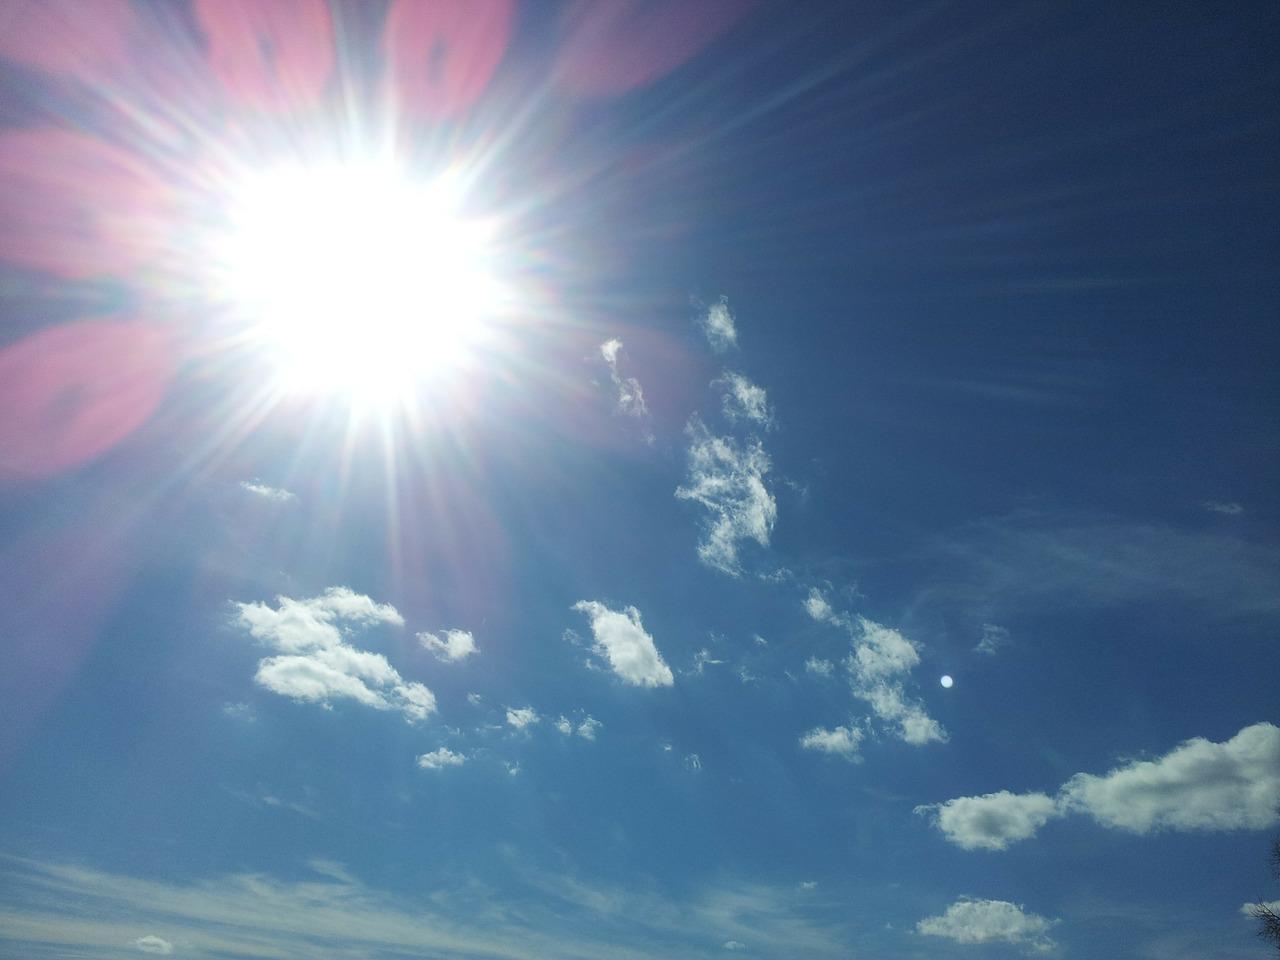 Weiter Sonne, weiter Kälte